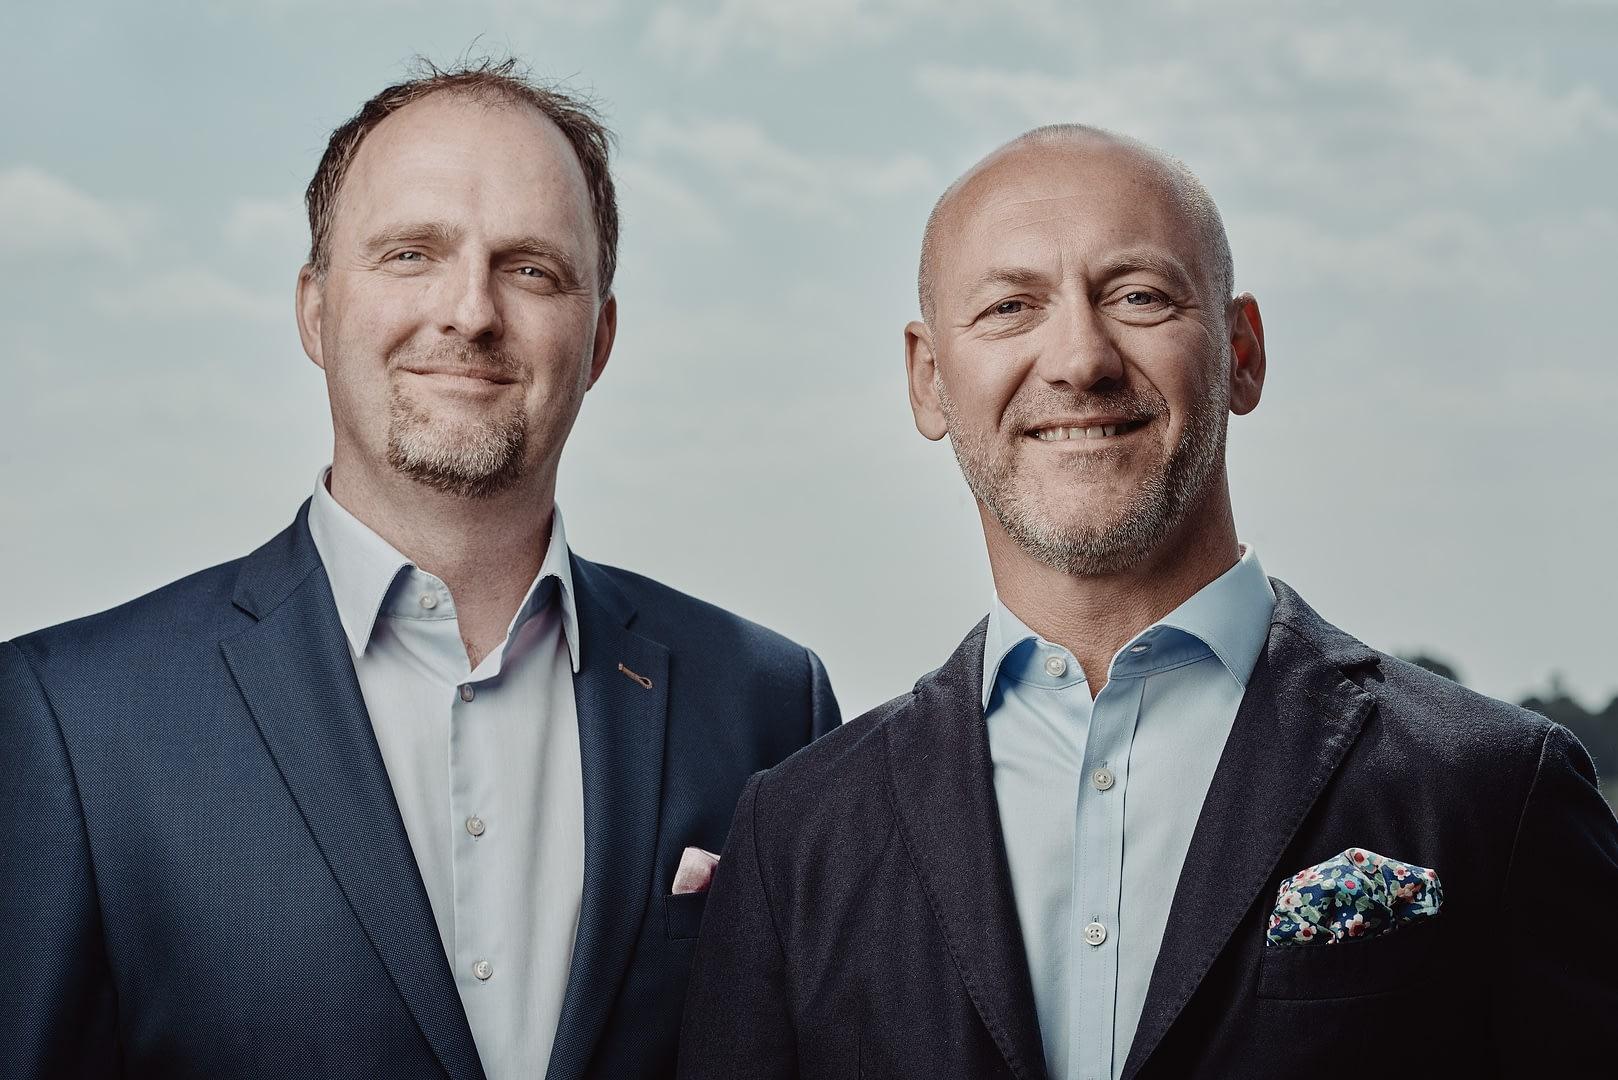 Dw Partner business portrait 2019 13